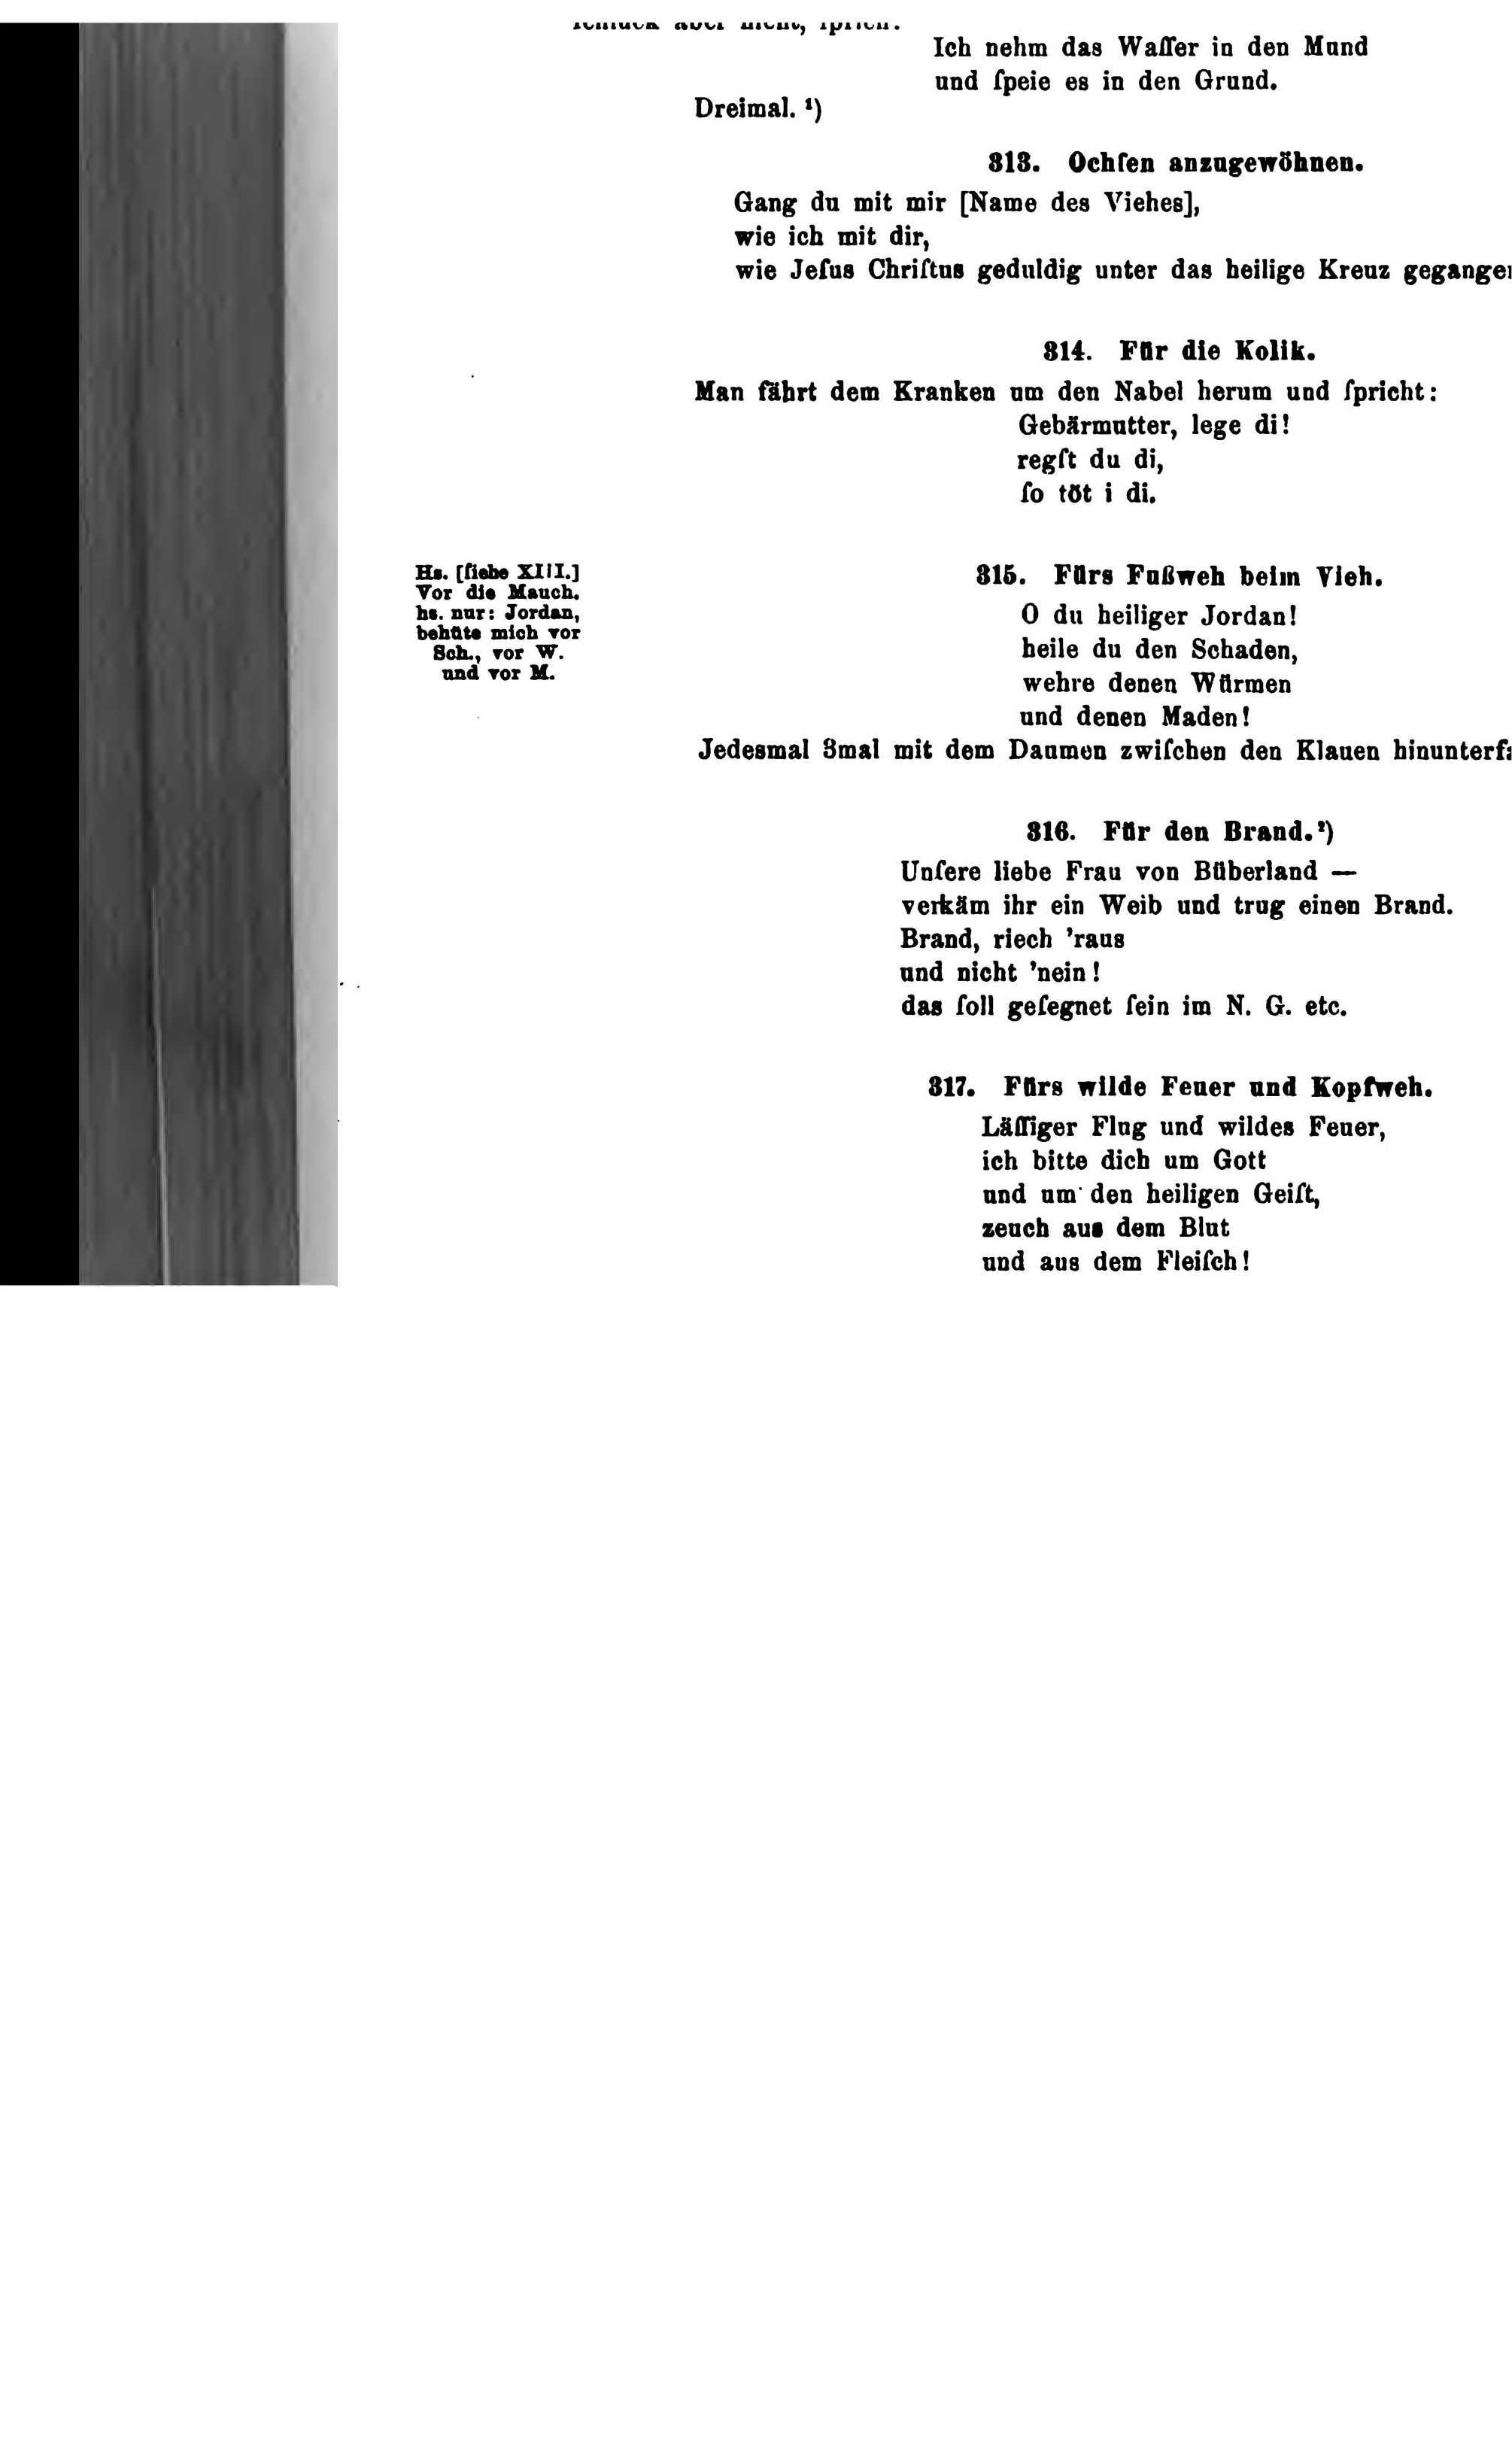 File:De Württ Jahrbuch SL 1892 1146.jpg - Wikimedia Commons